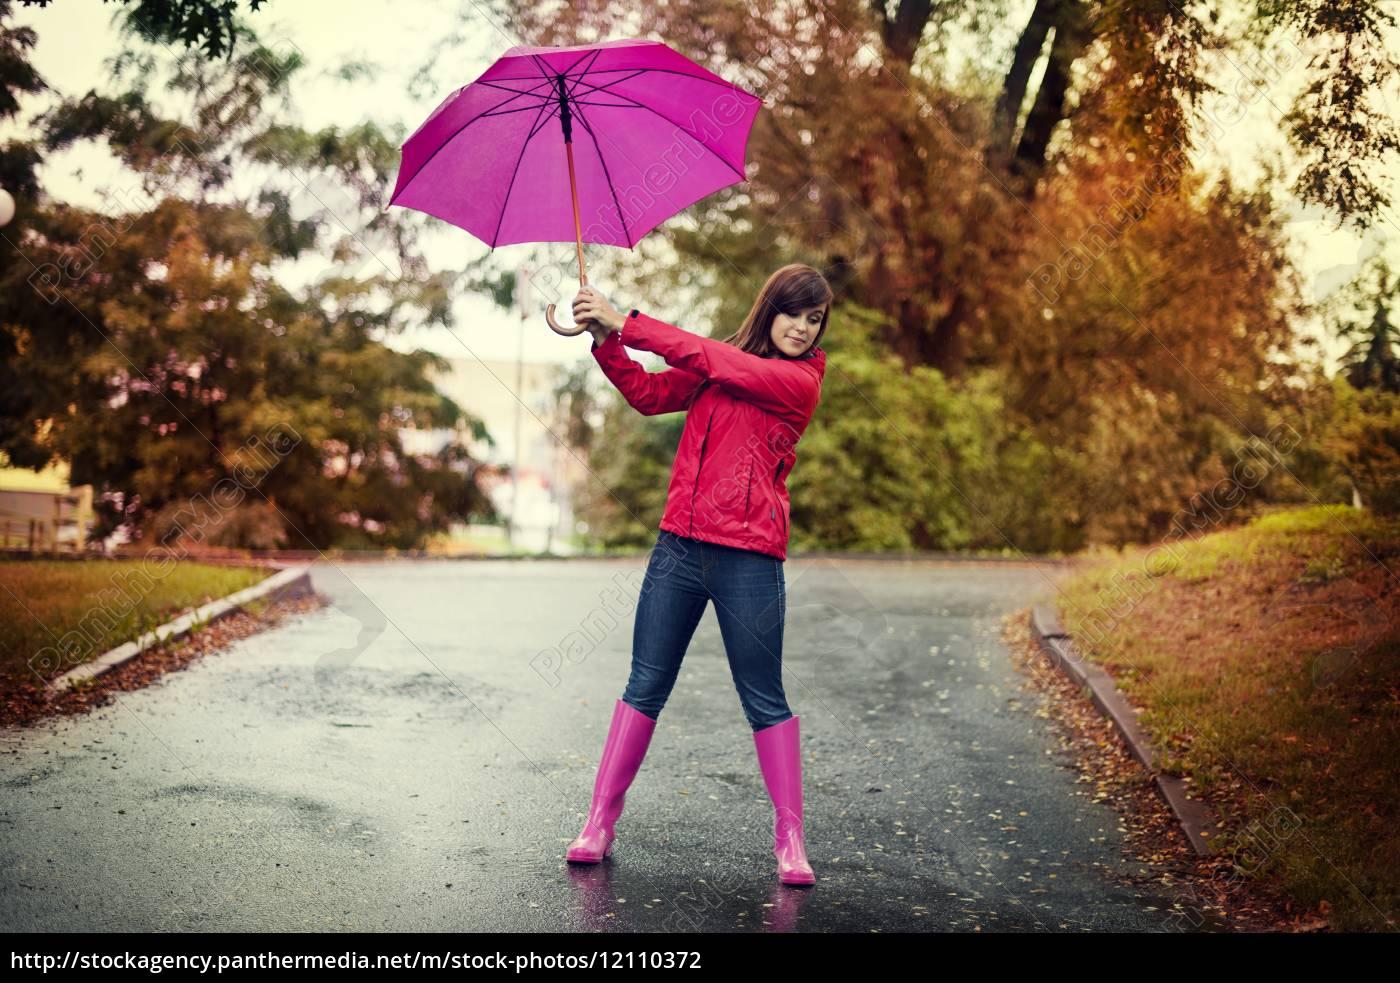 giovane, donna, che, tiene, ombrello, rosa - 12110372